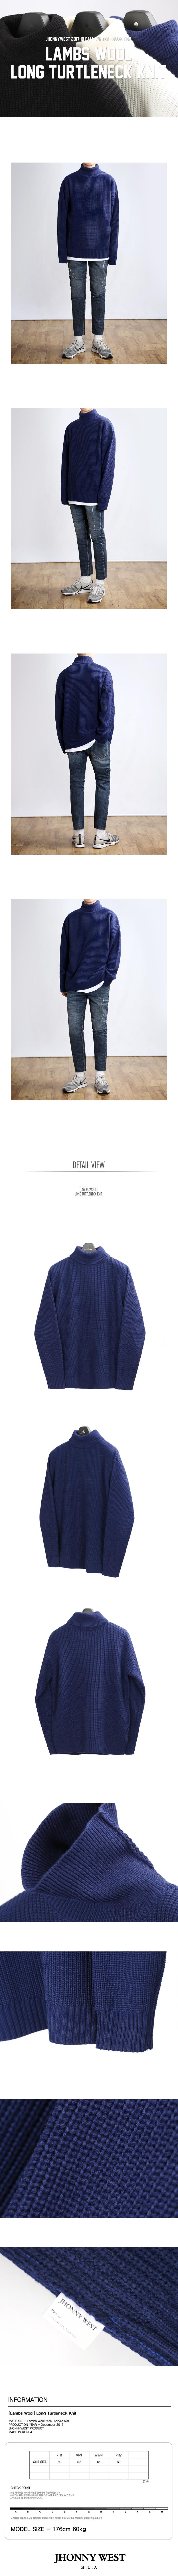 쟈니웨스트(JHONNY WEST) [Lambs Wool] Long Turtleneck Knit (Royal Blue)